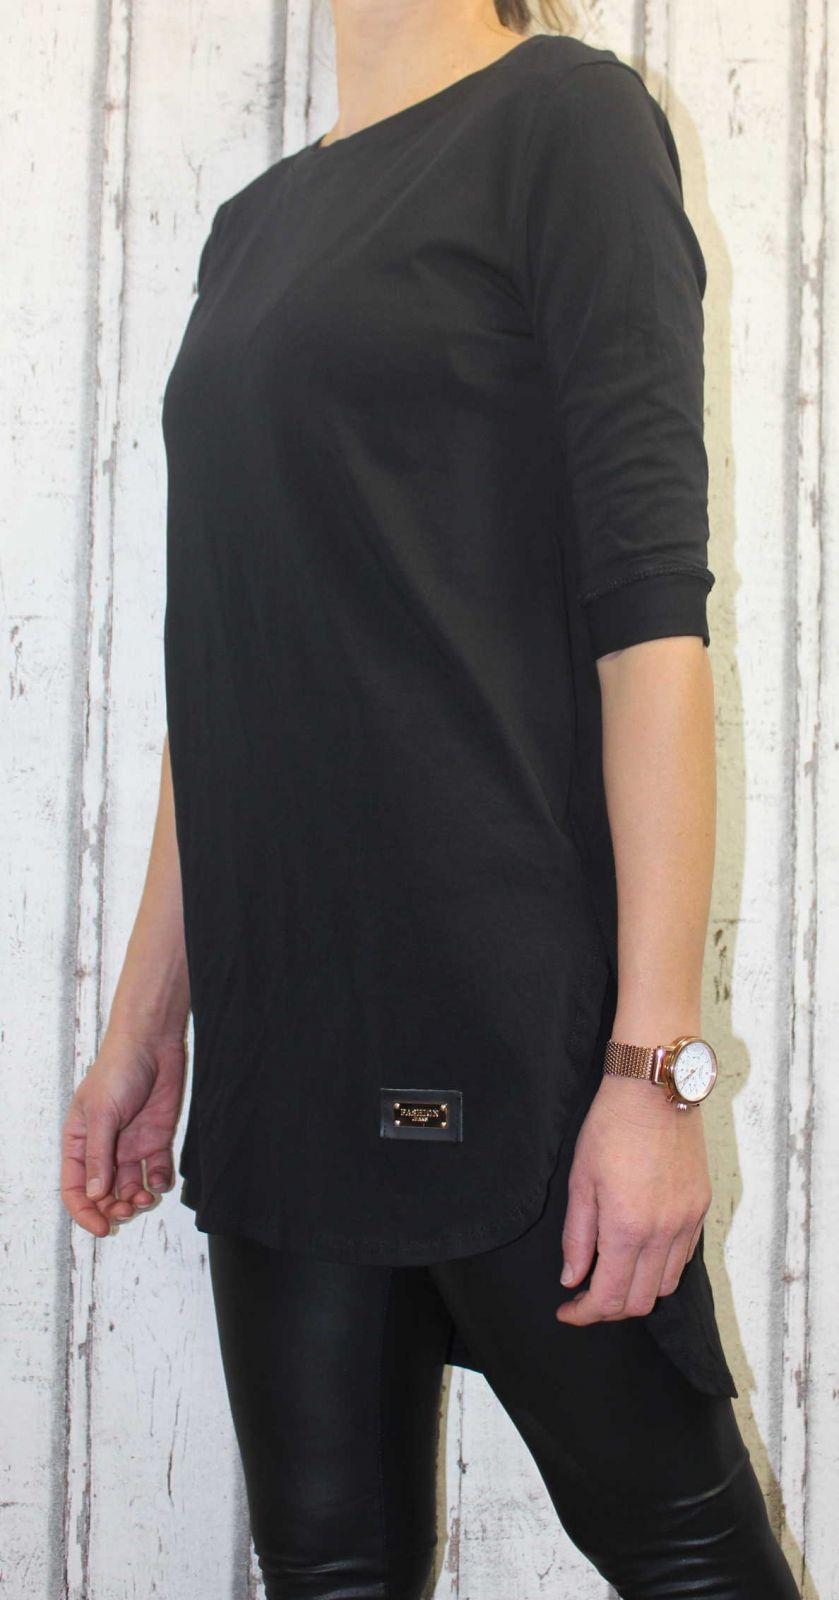 Dámské bavlněné tričko krátký rukáv, dámské dlouhé tričko, dámské triko s rozparky, dlouhé triko, dámské dlouhé triko, dlouhá tunika Italy Moda